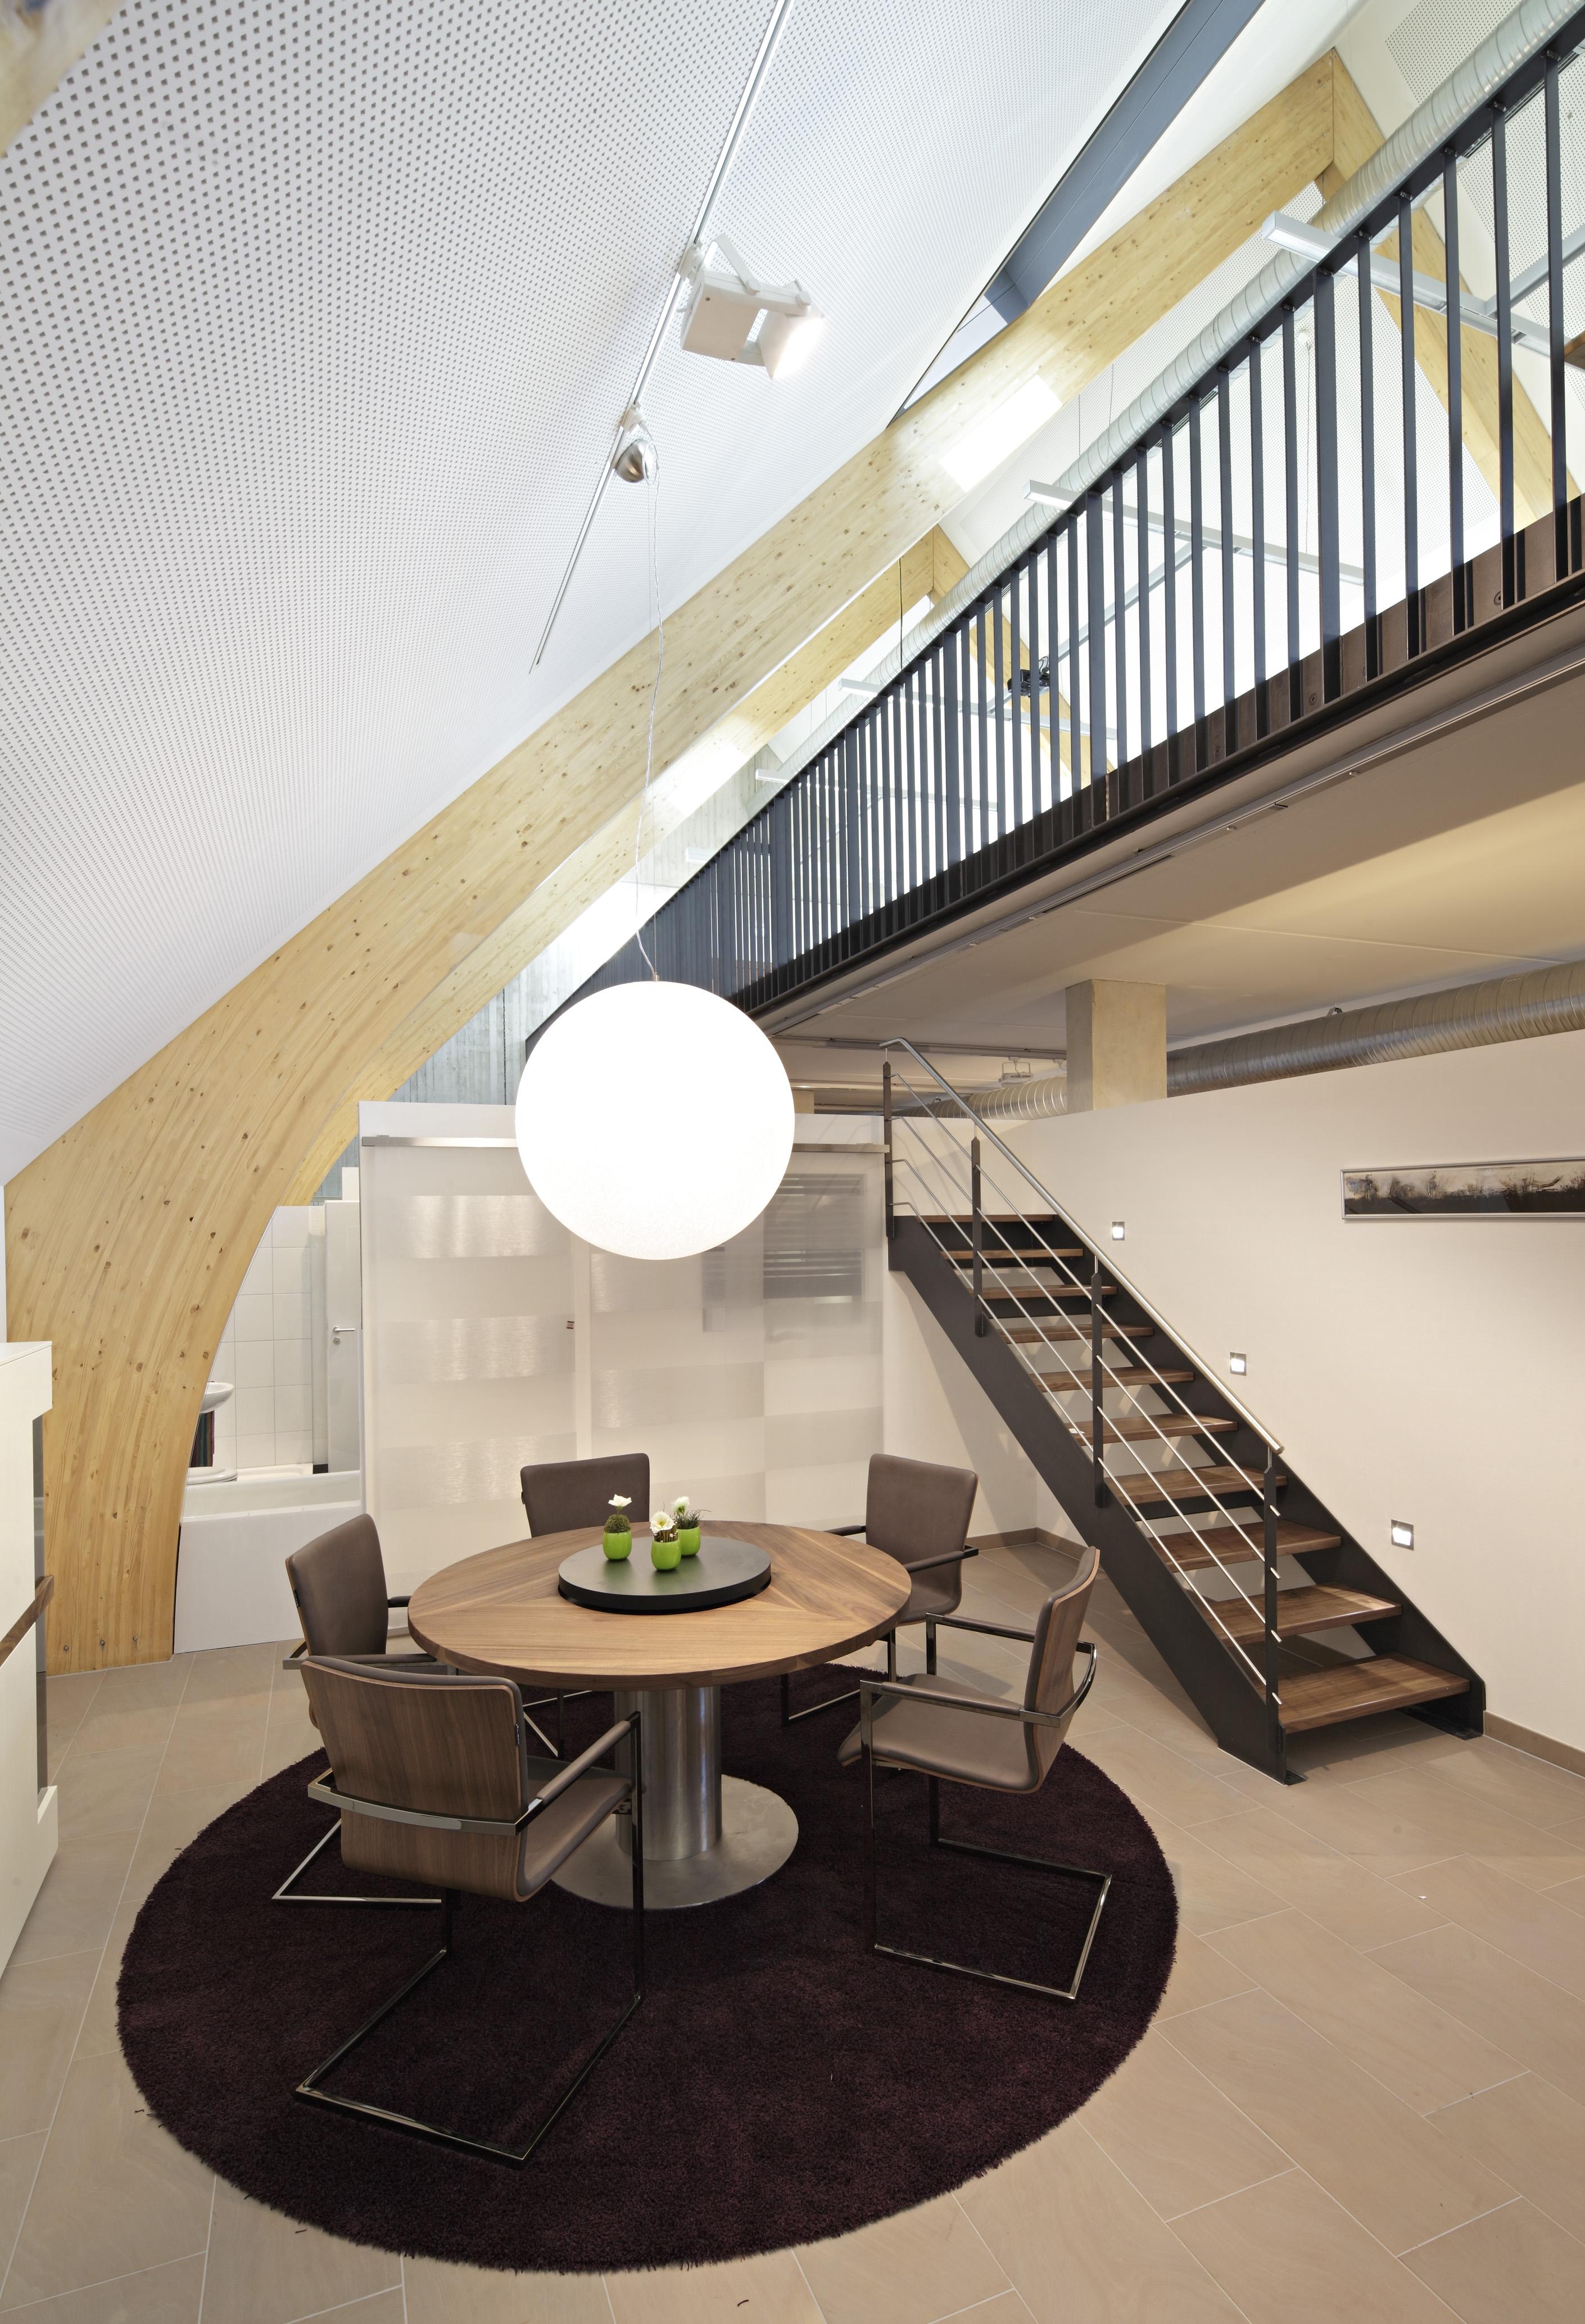 Bizzz - Das Bauinfozentrum in Gutach-Bleibach im Elztal: Pressebilder